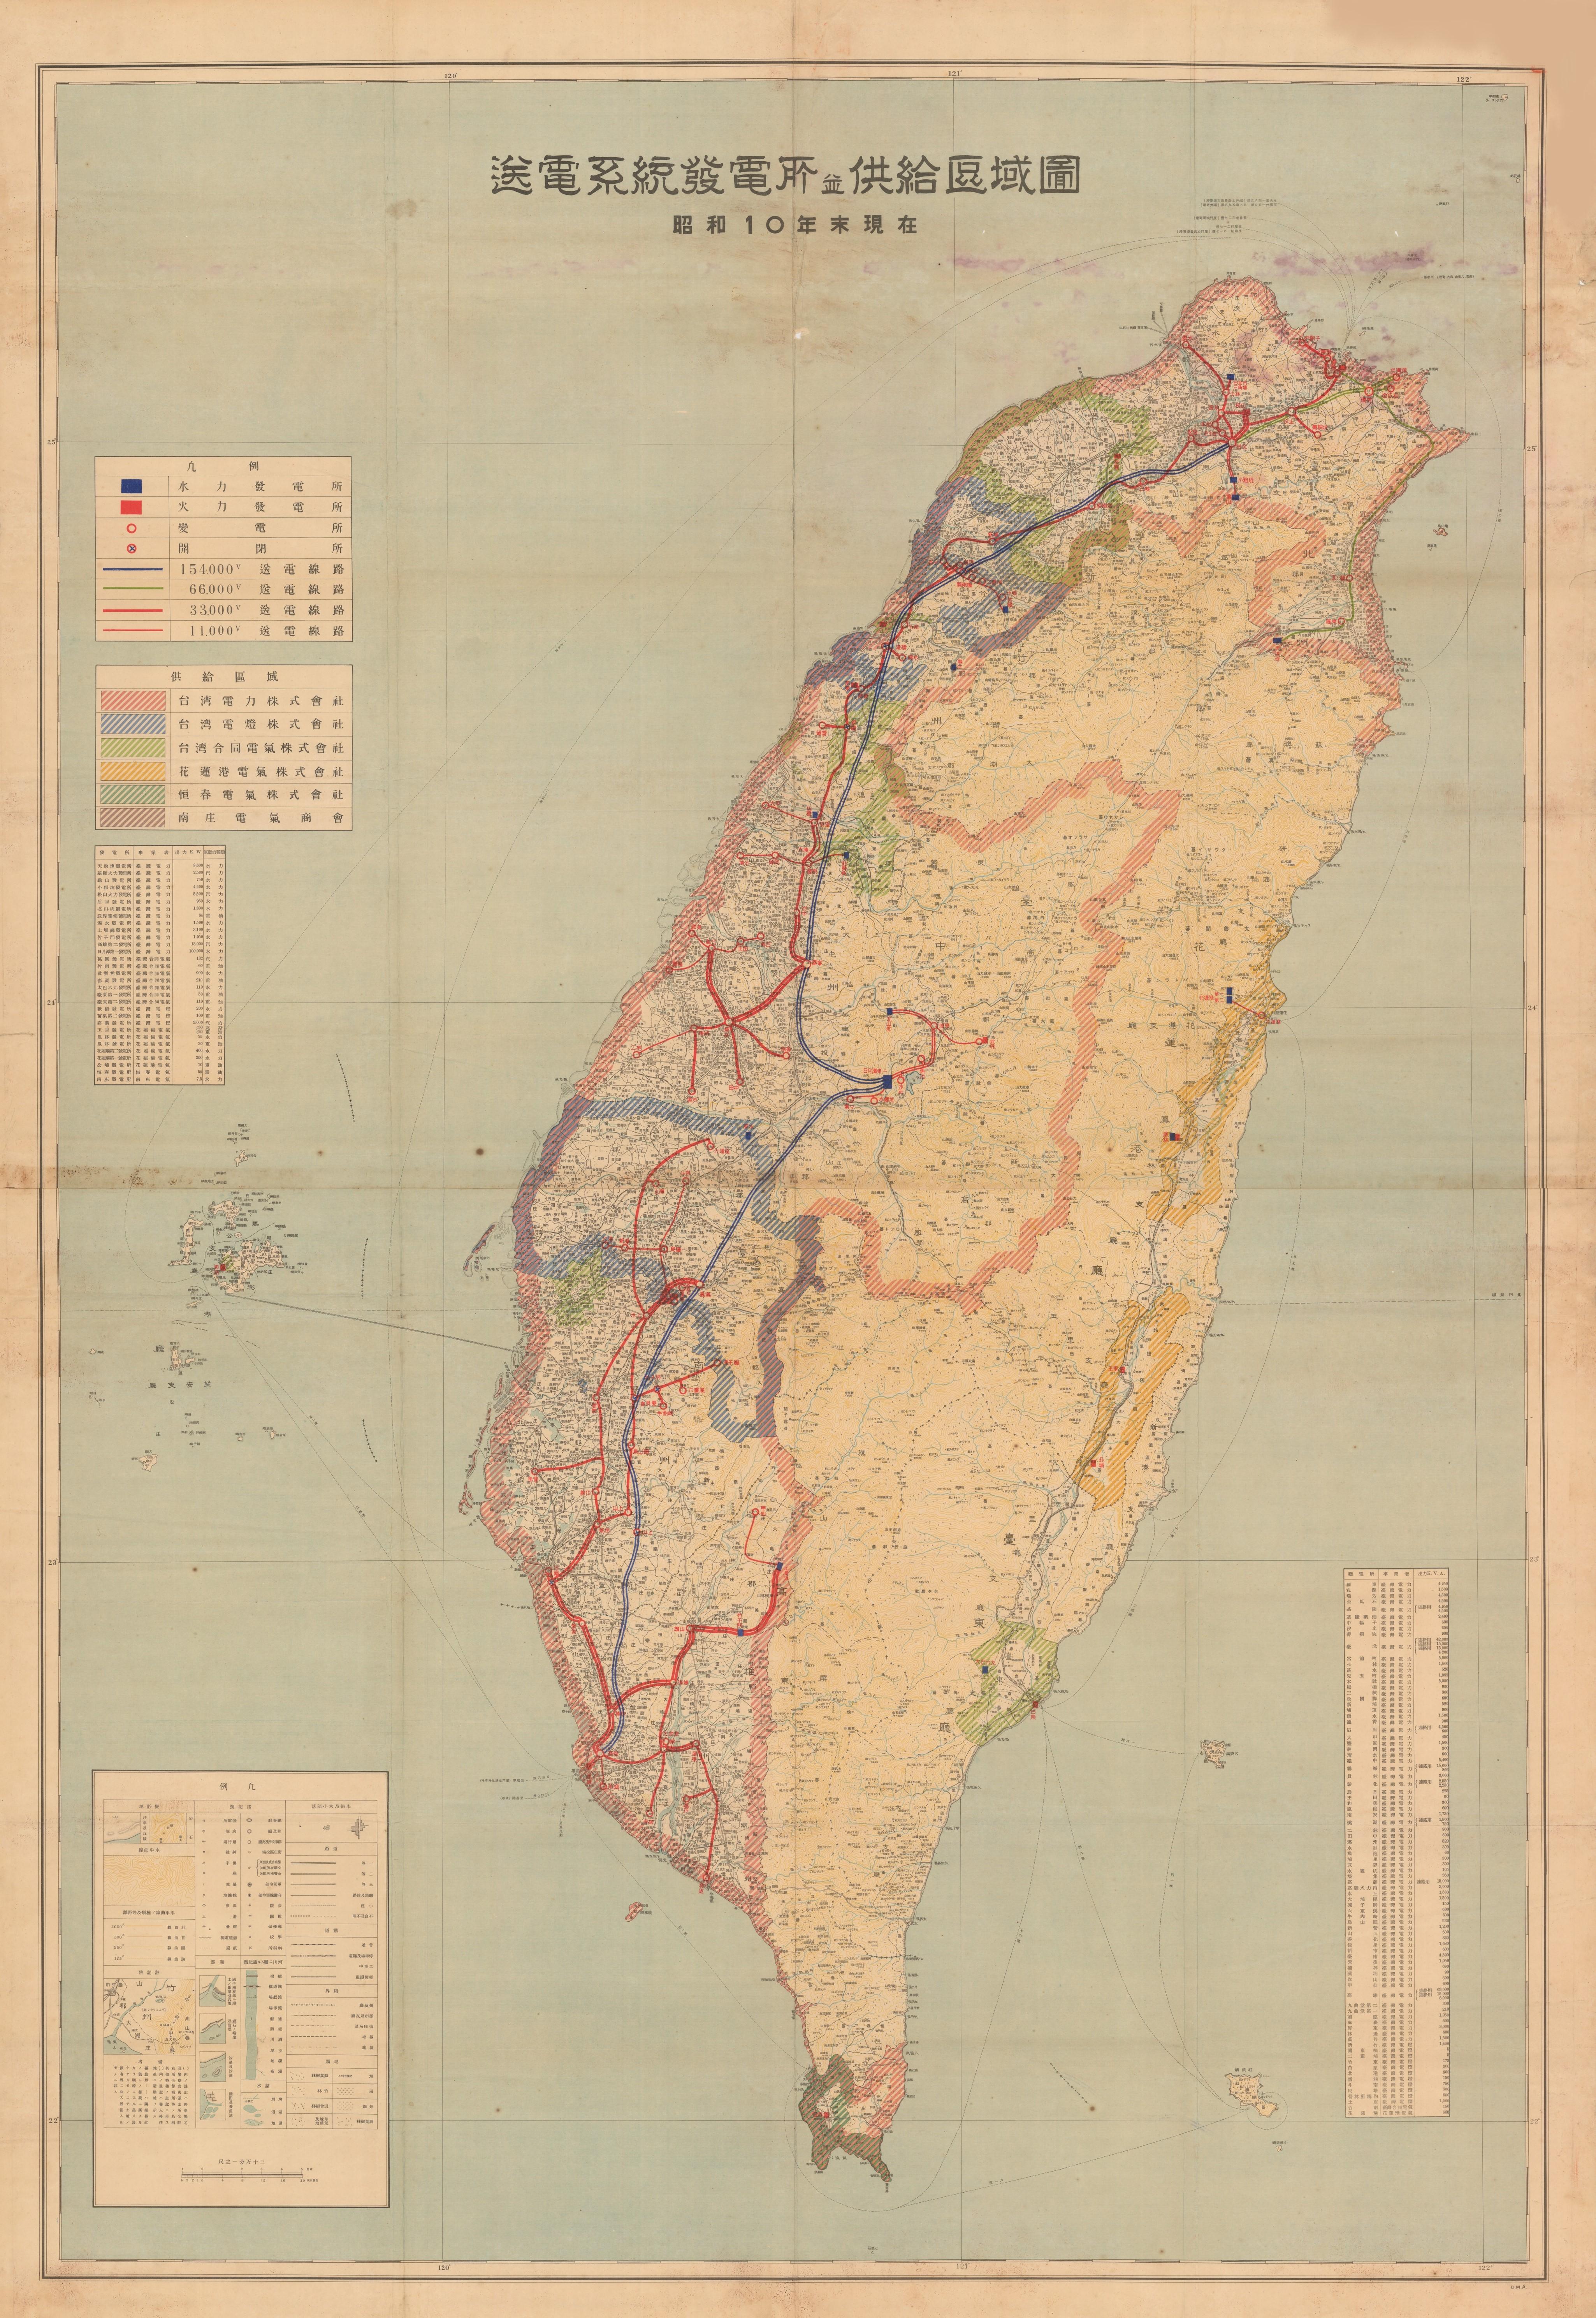 送電系統發電所並供給區域圖 昭和10年(1935) 比例尺:30萬分之一